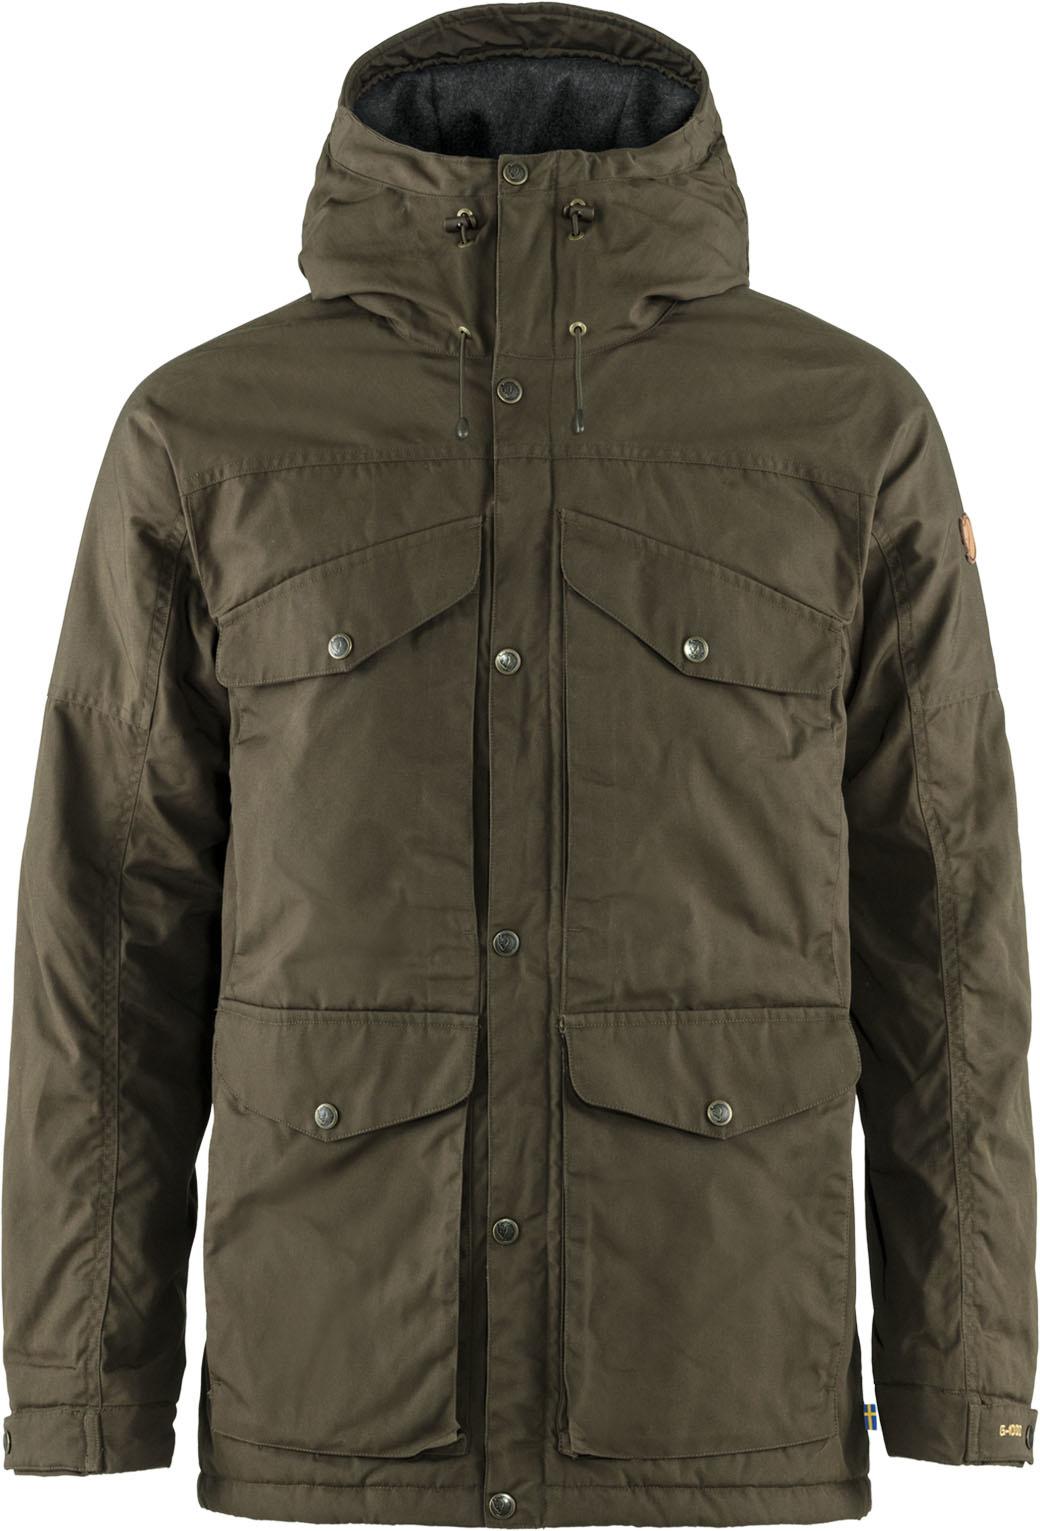 Fjällräven Vidda Pro Wool Padded Jacket M Dark Olive-1